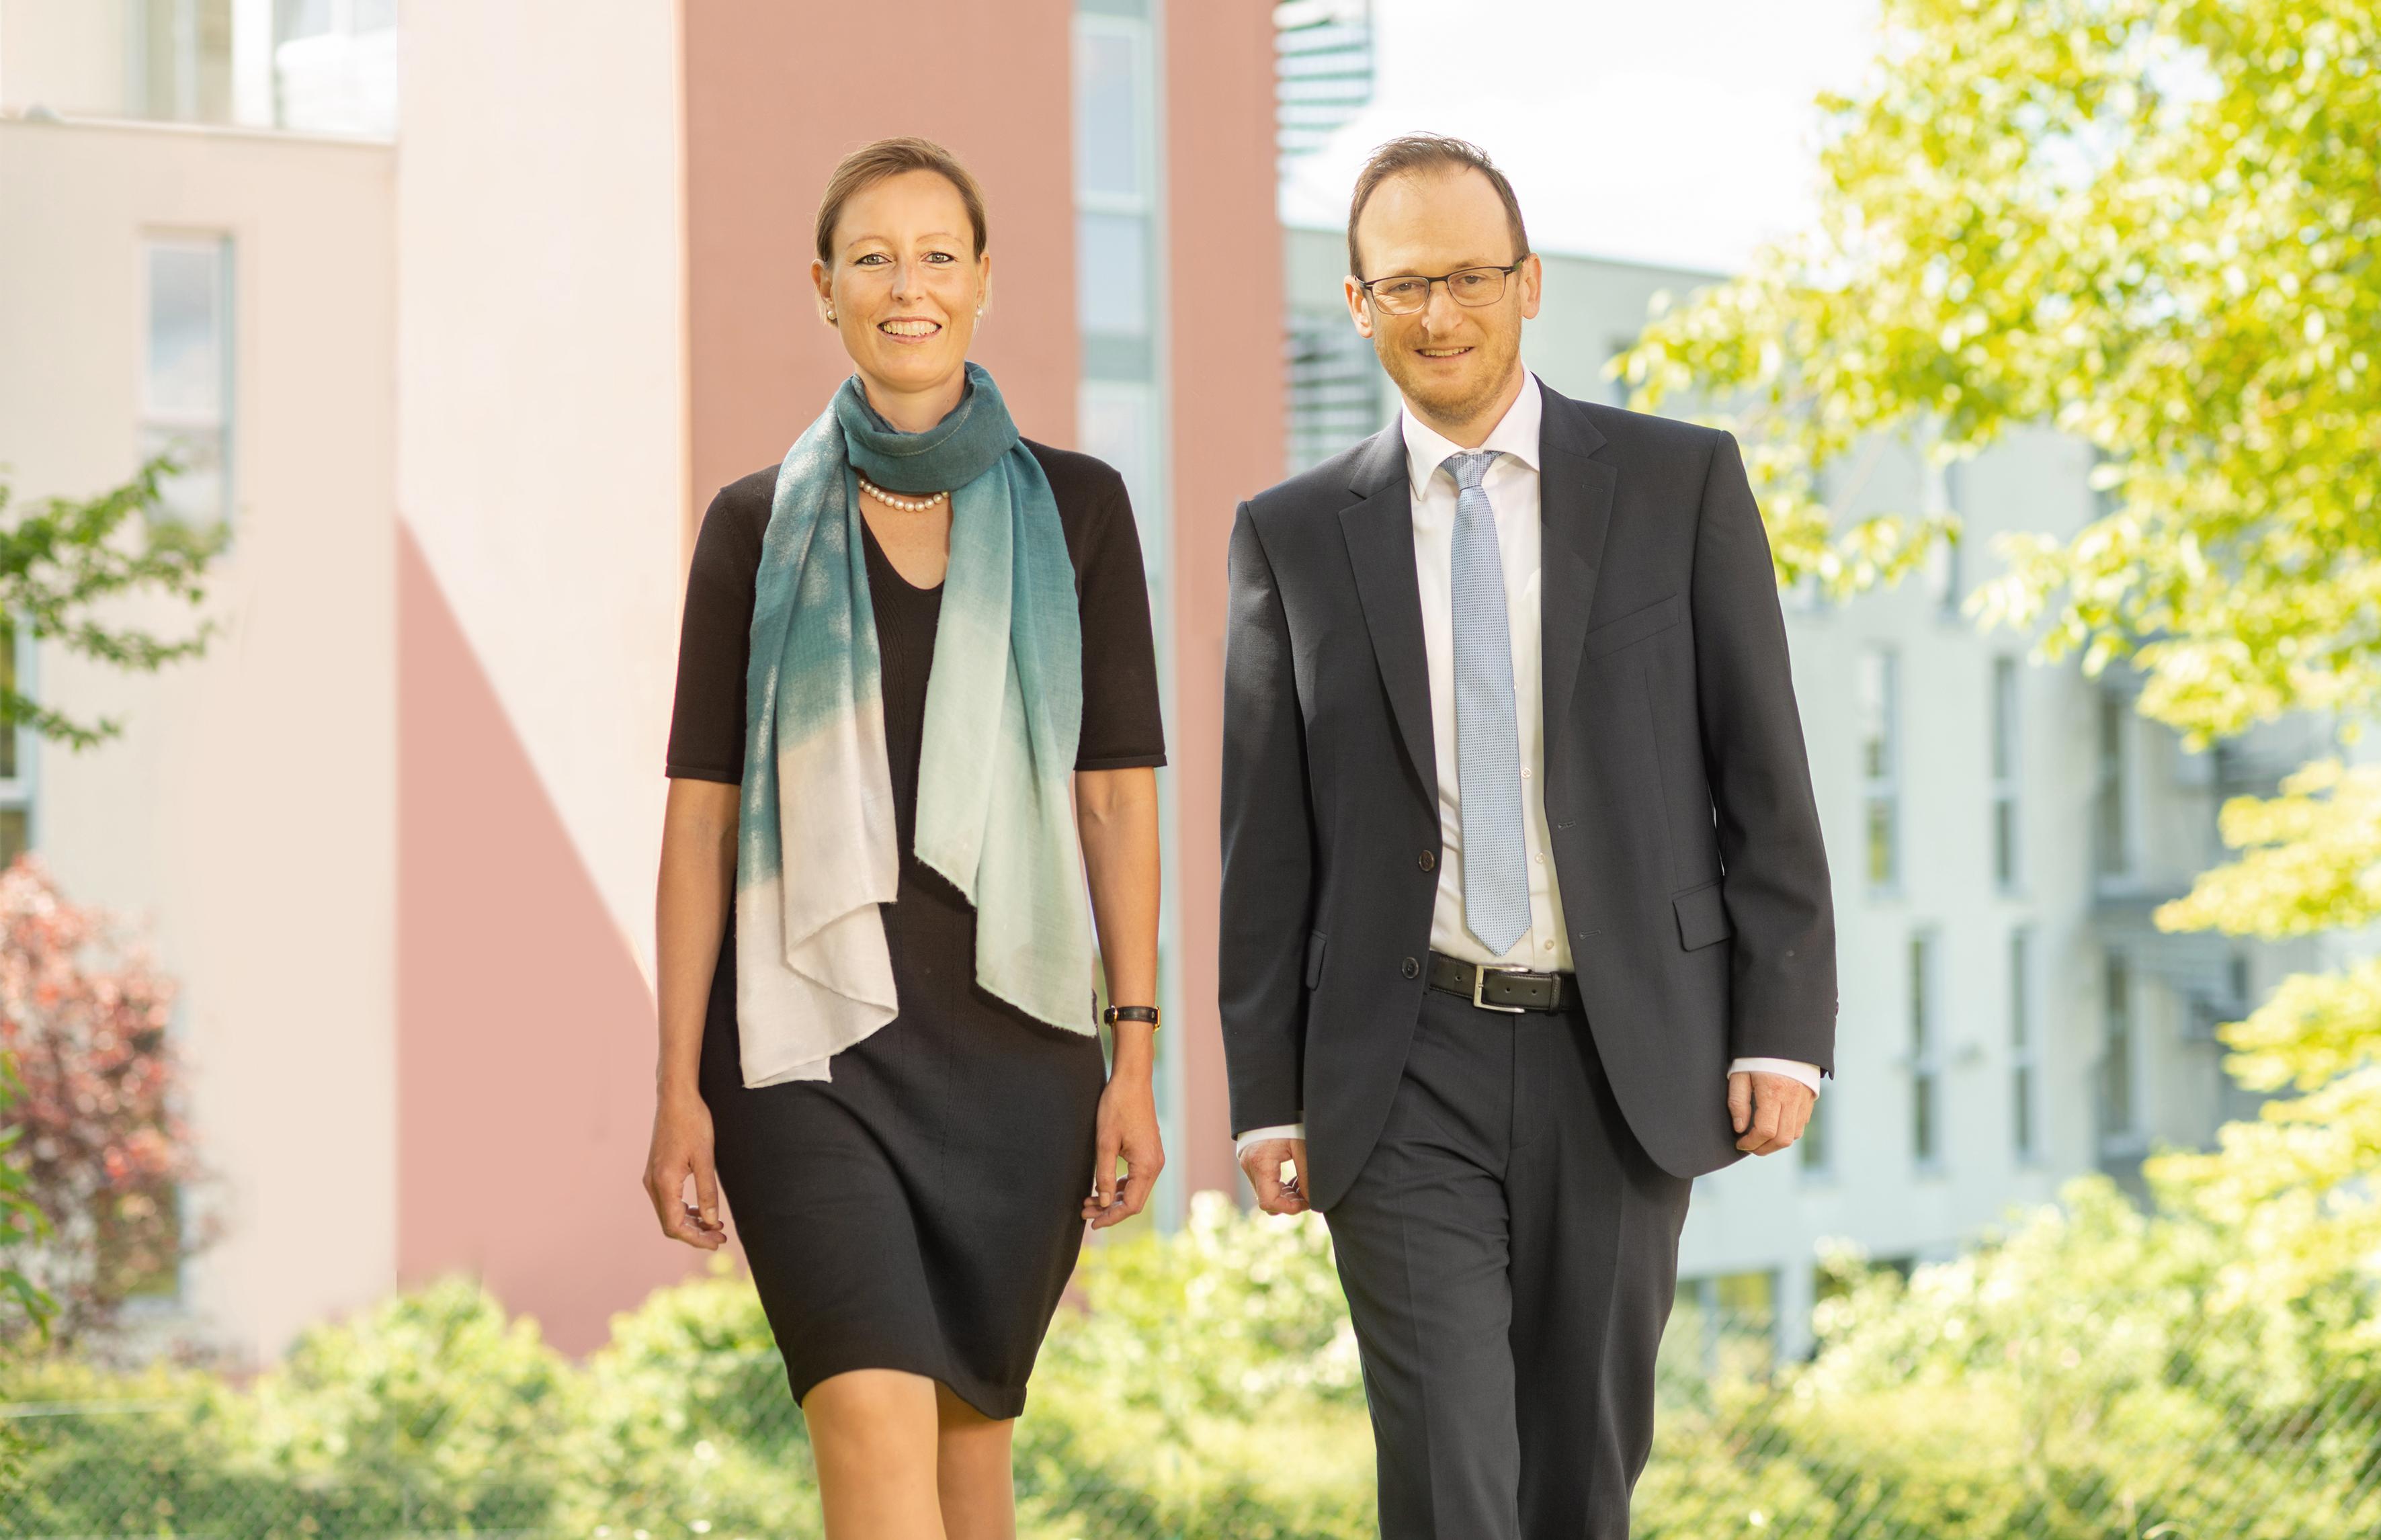 Michael Pfab und Eva von Vietinghoff-Scheel engagieren sich in der Landespflegesatzkommission